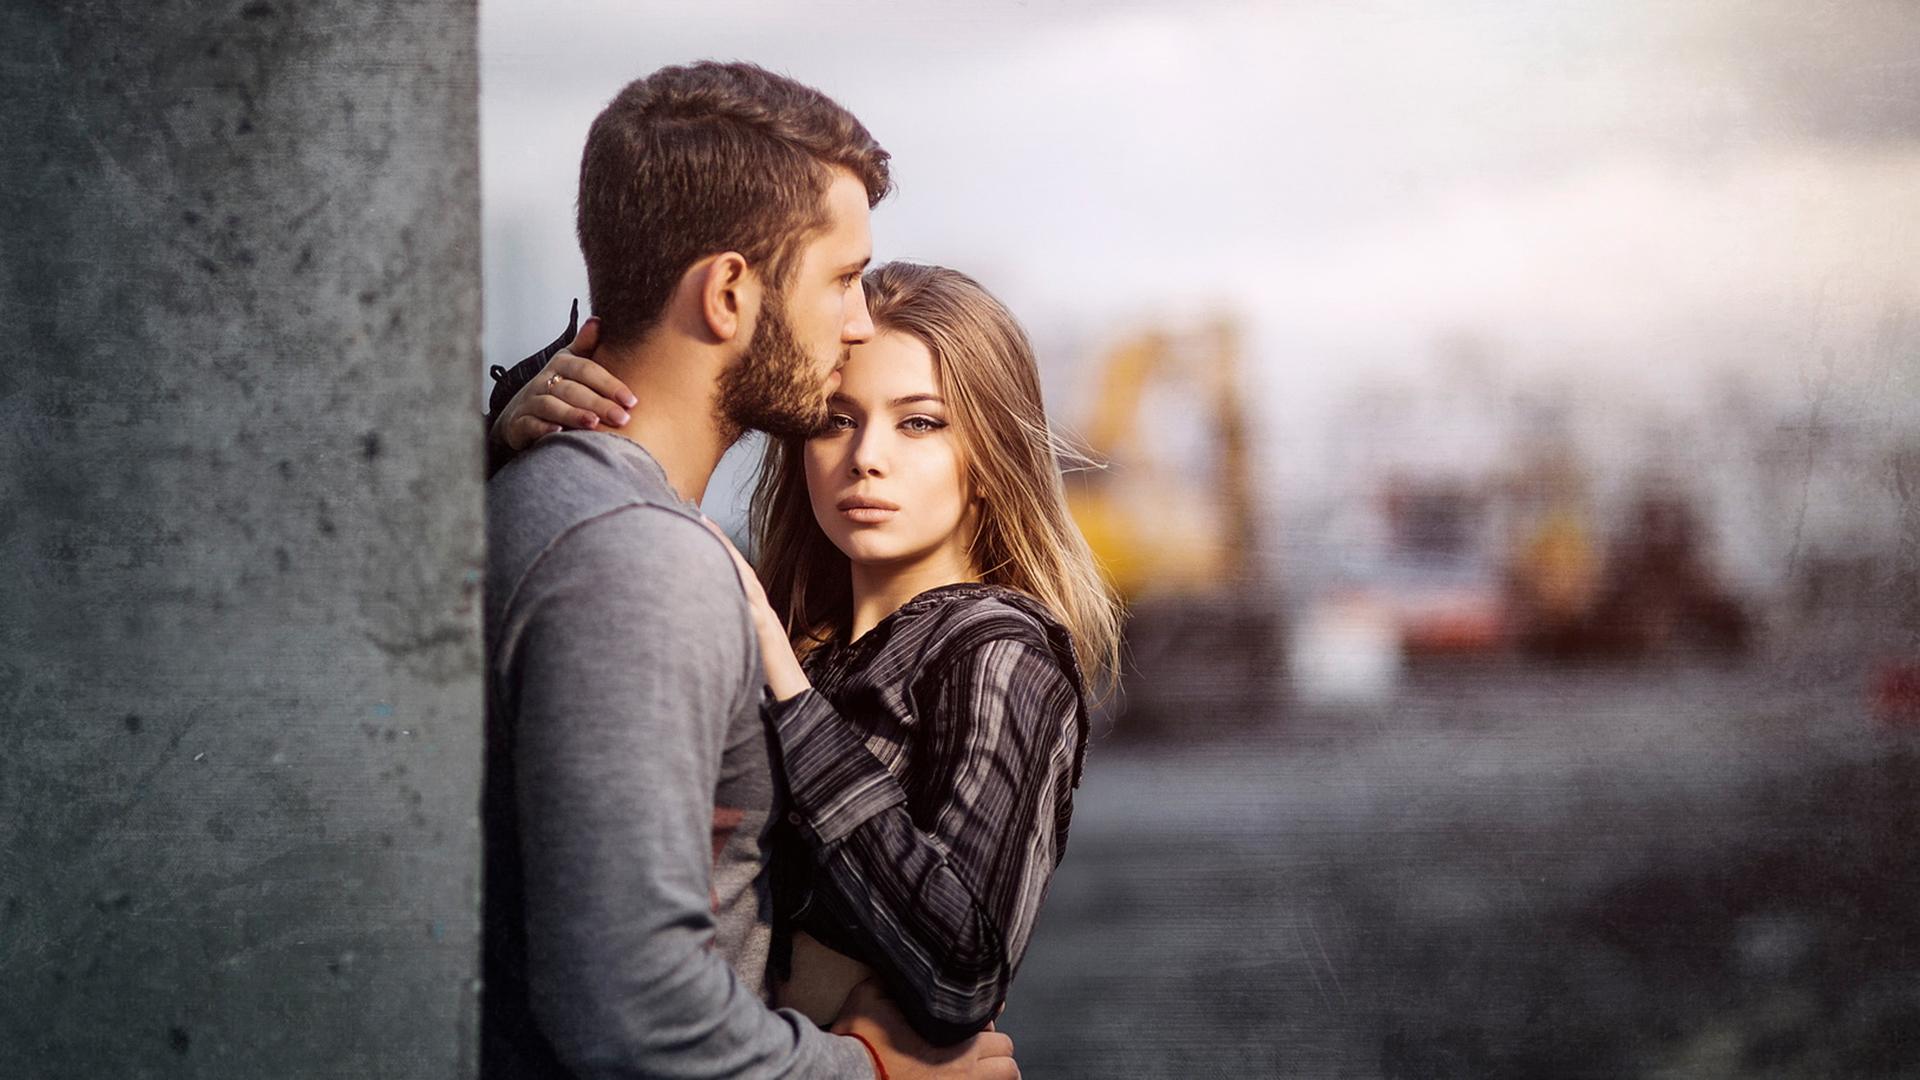 Взгляд мужчин мы занимаемся сексом но мы не пара